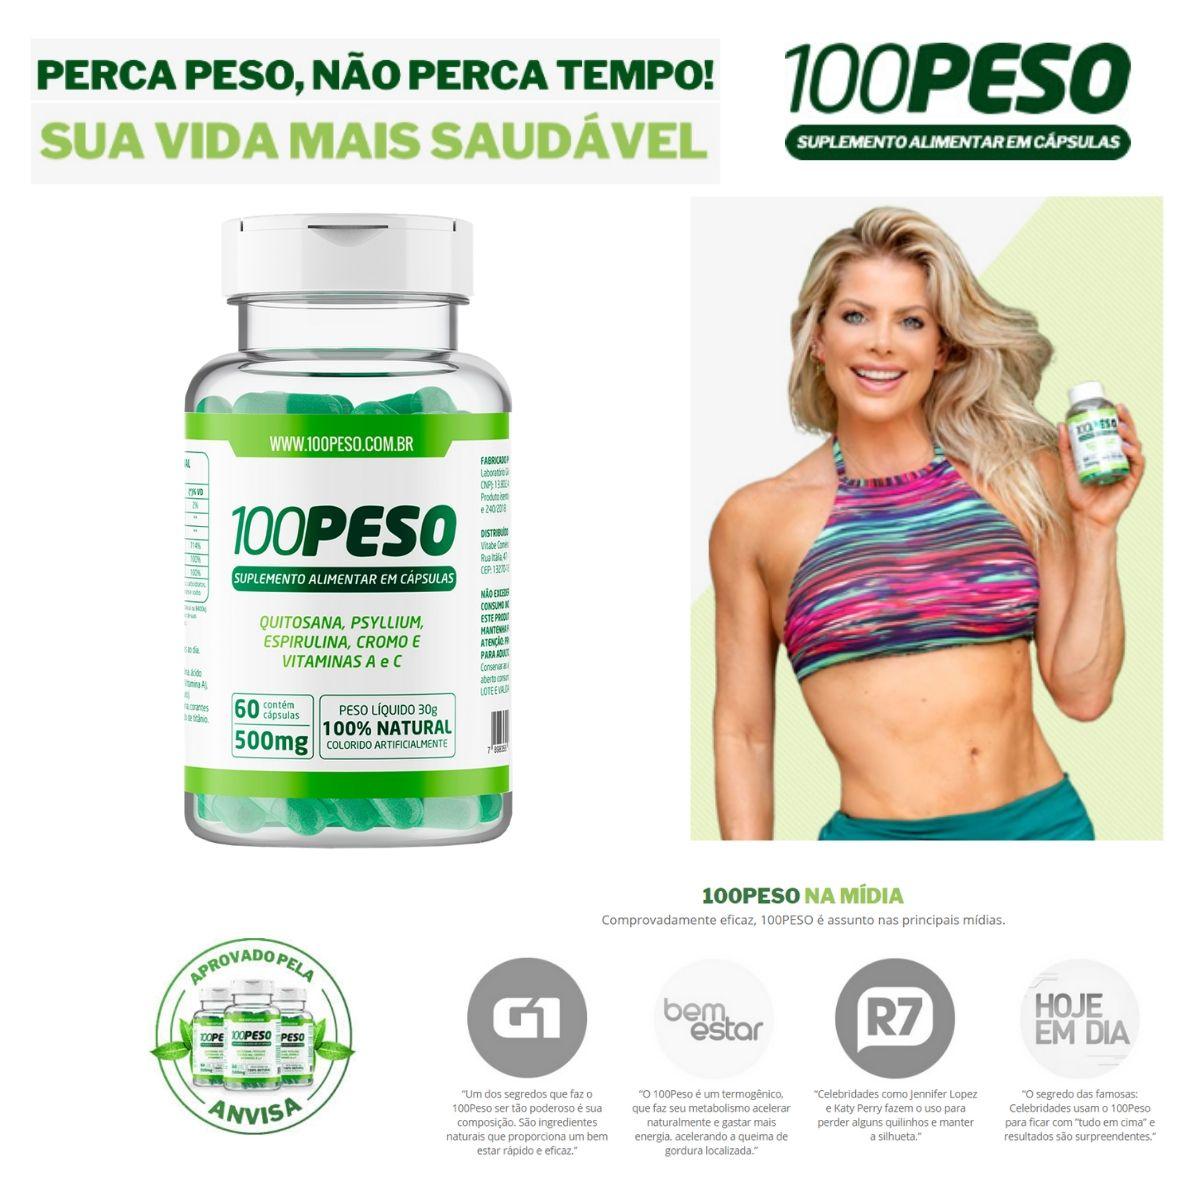 100PESO - Tratamento para 30 dias - 1 Frasco com 60 caps